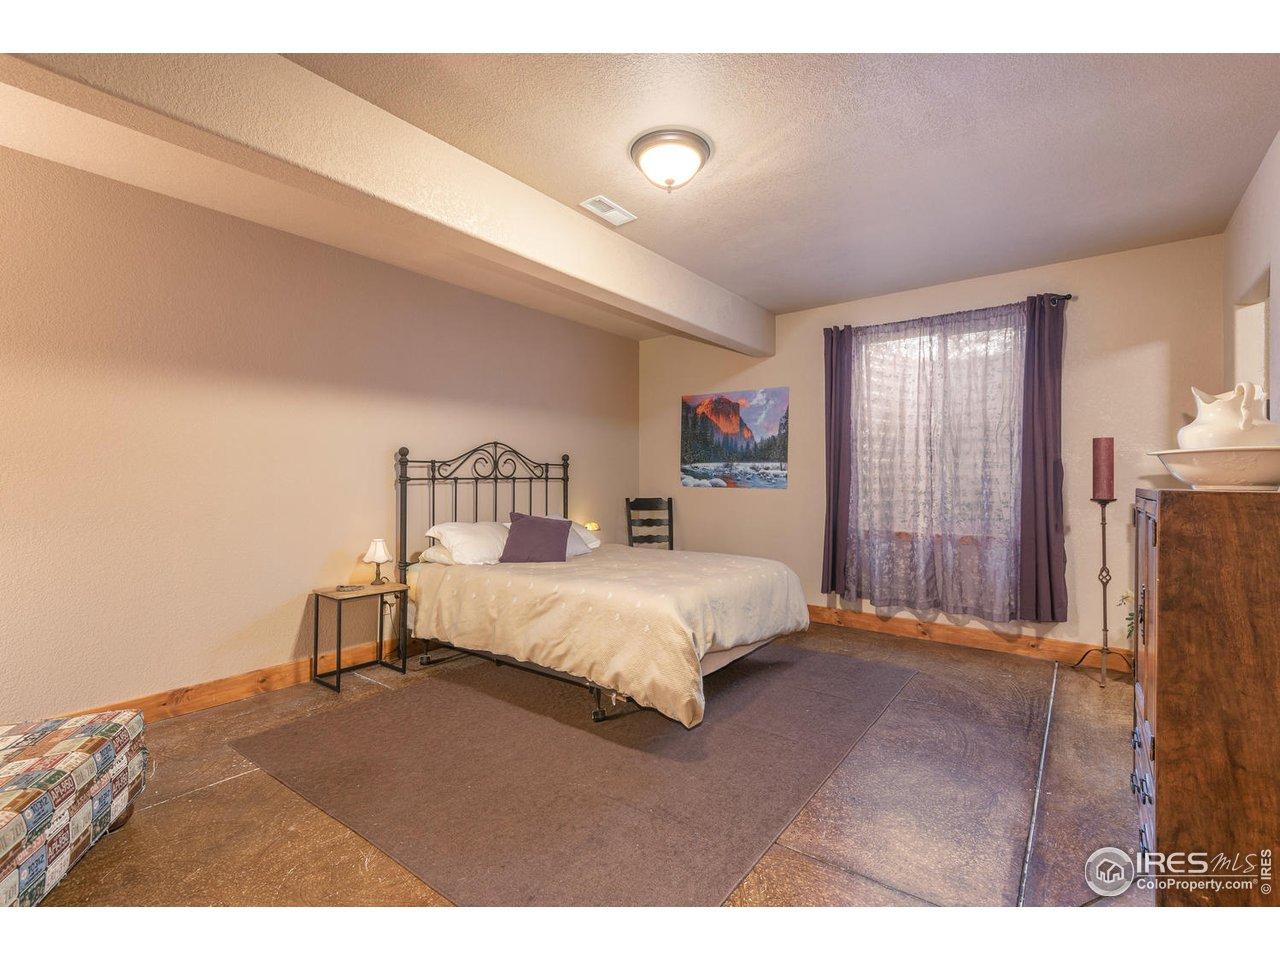 Generous basement bedroom w / walk in closet